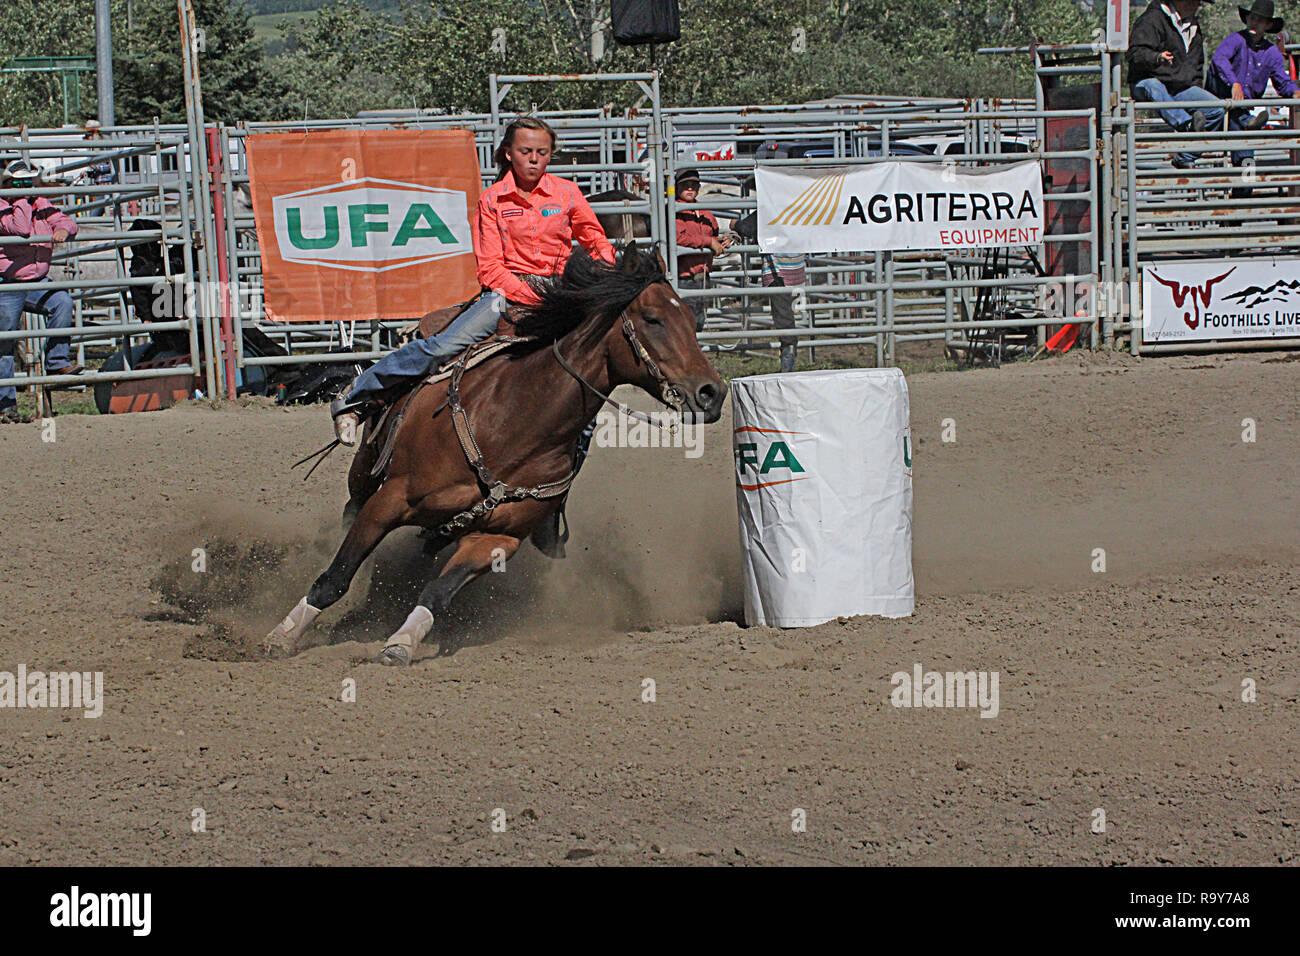 Rodeo, Stampede de Calgary, Alberta, Canadá, Barrel racing donde el jinete y su caballo competir en un evento programado rápido y furioso de la competencia. Imagen De Stock